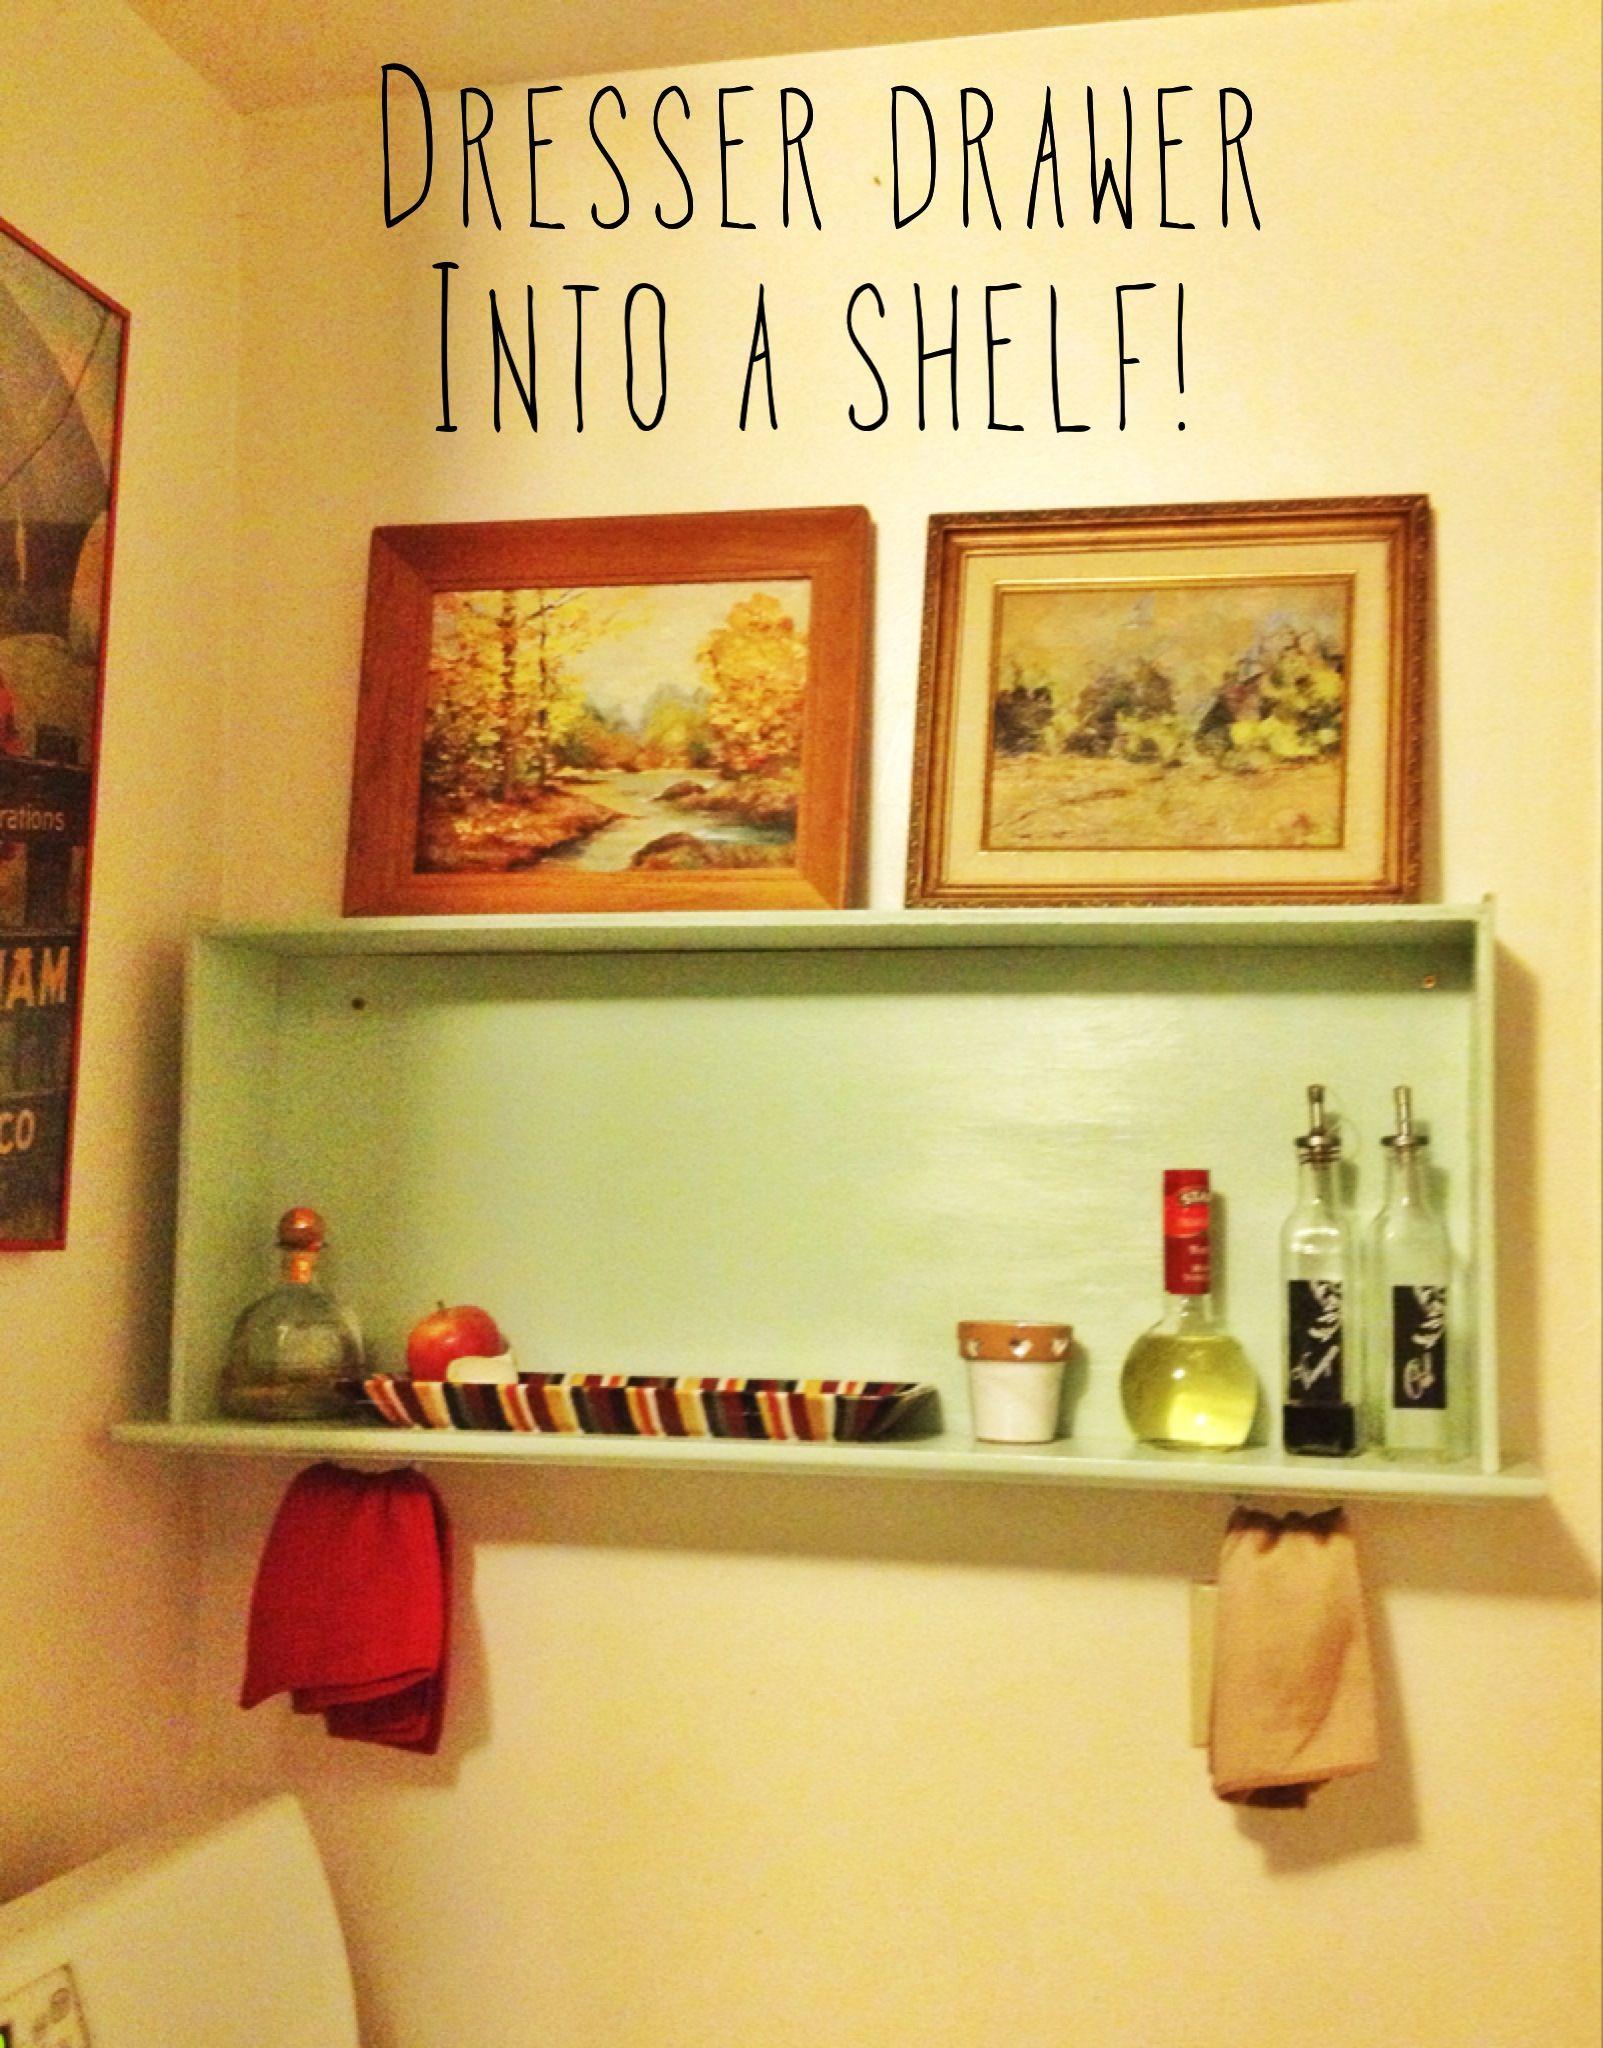 Dresser Drawer Shelves Turn A Old Dresser Drawer Into A Shelf M Y C R E A T I O N S